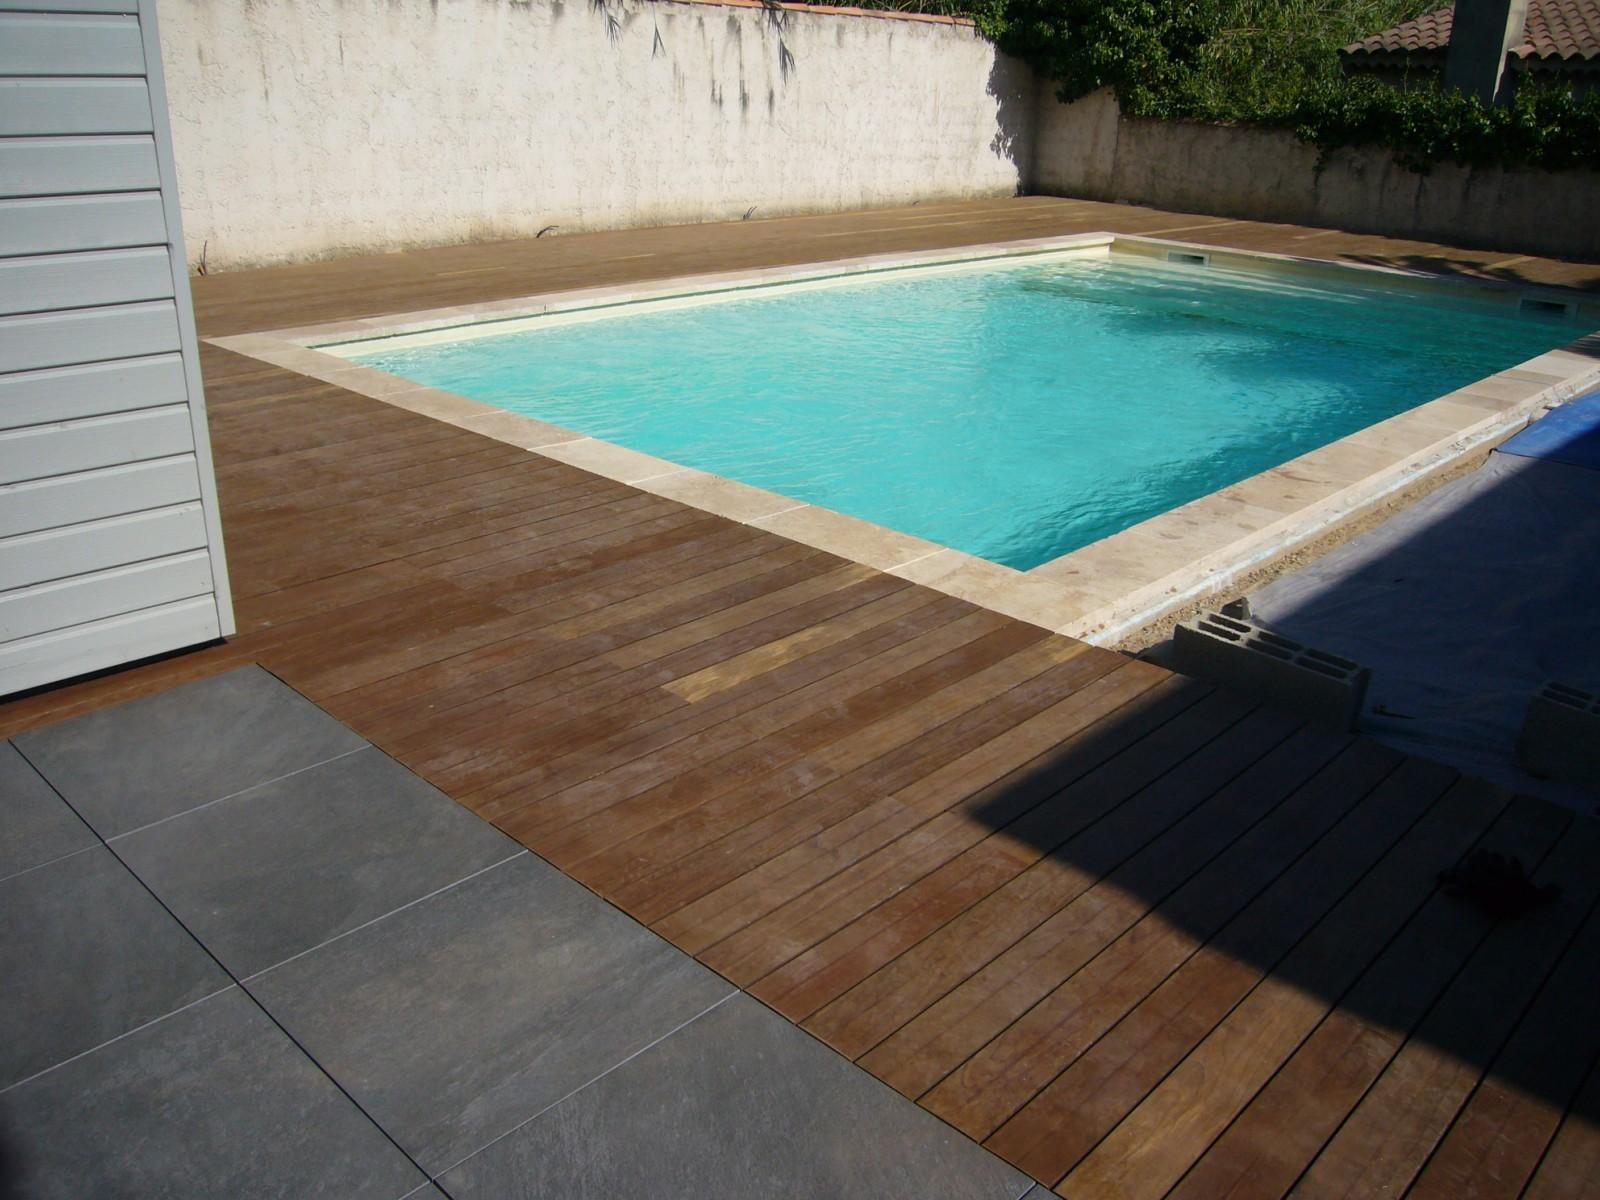 Ordentlich Keramik Stein Holz Terrasse | BS-Holzdesign XN87